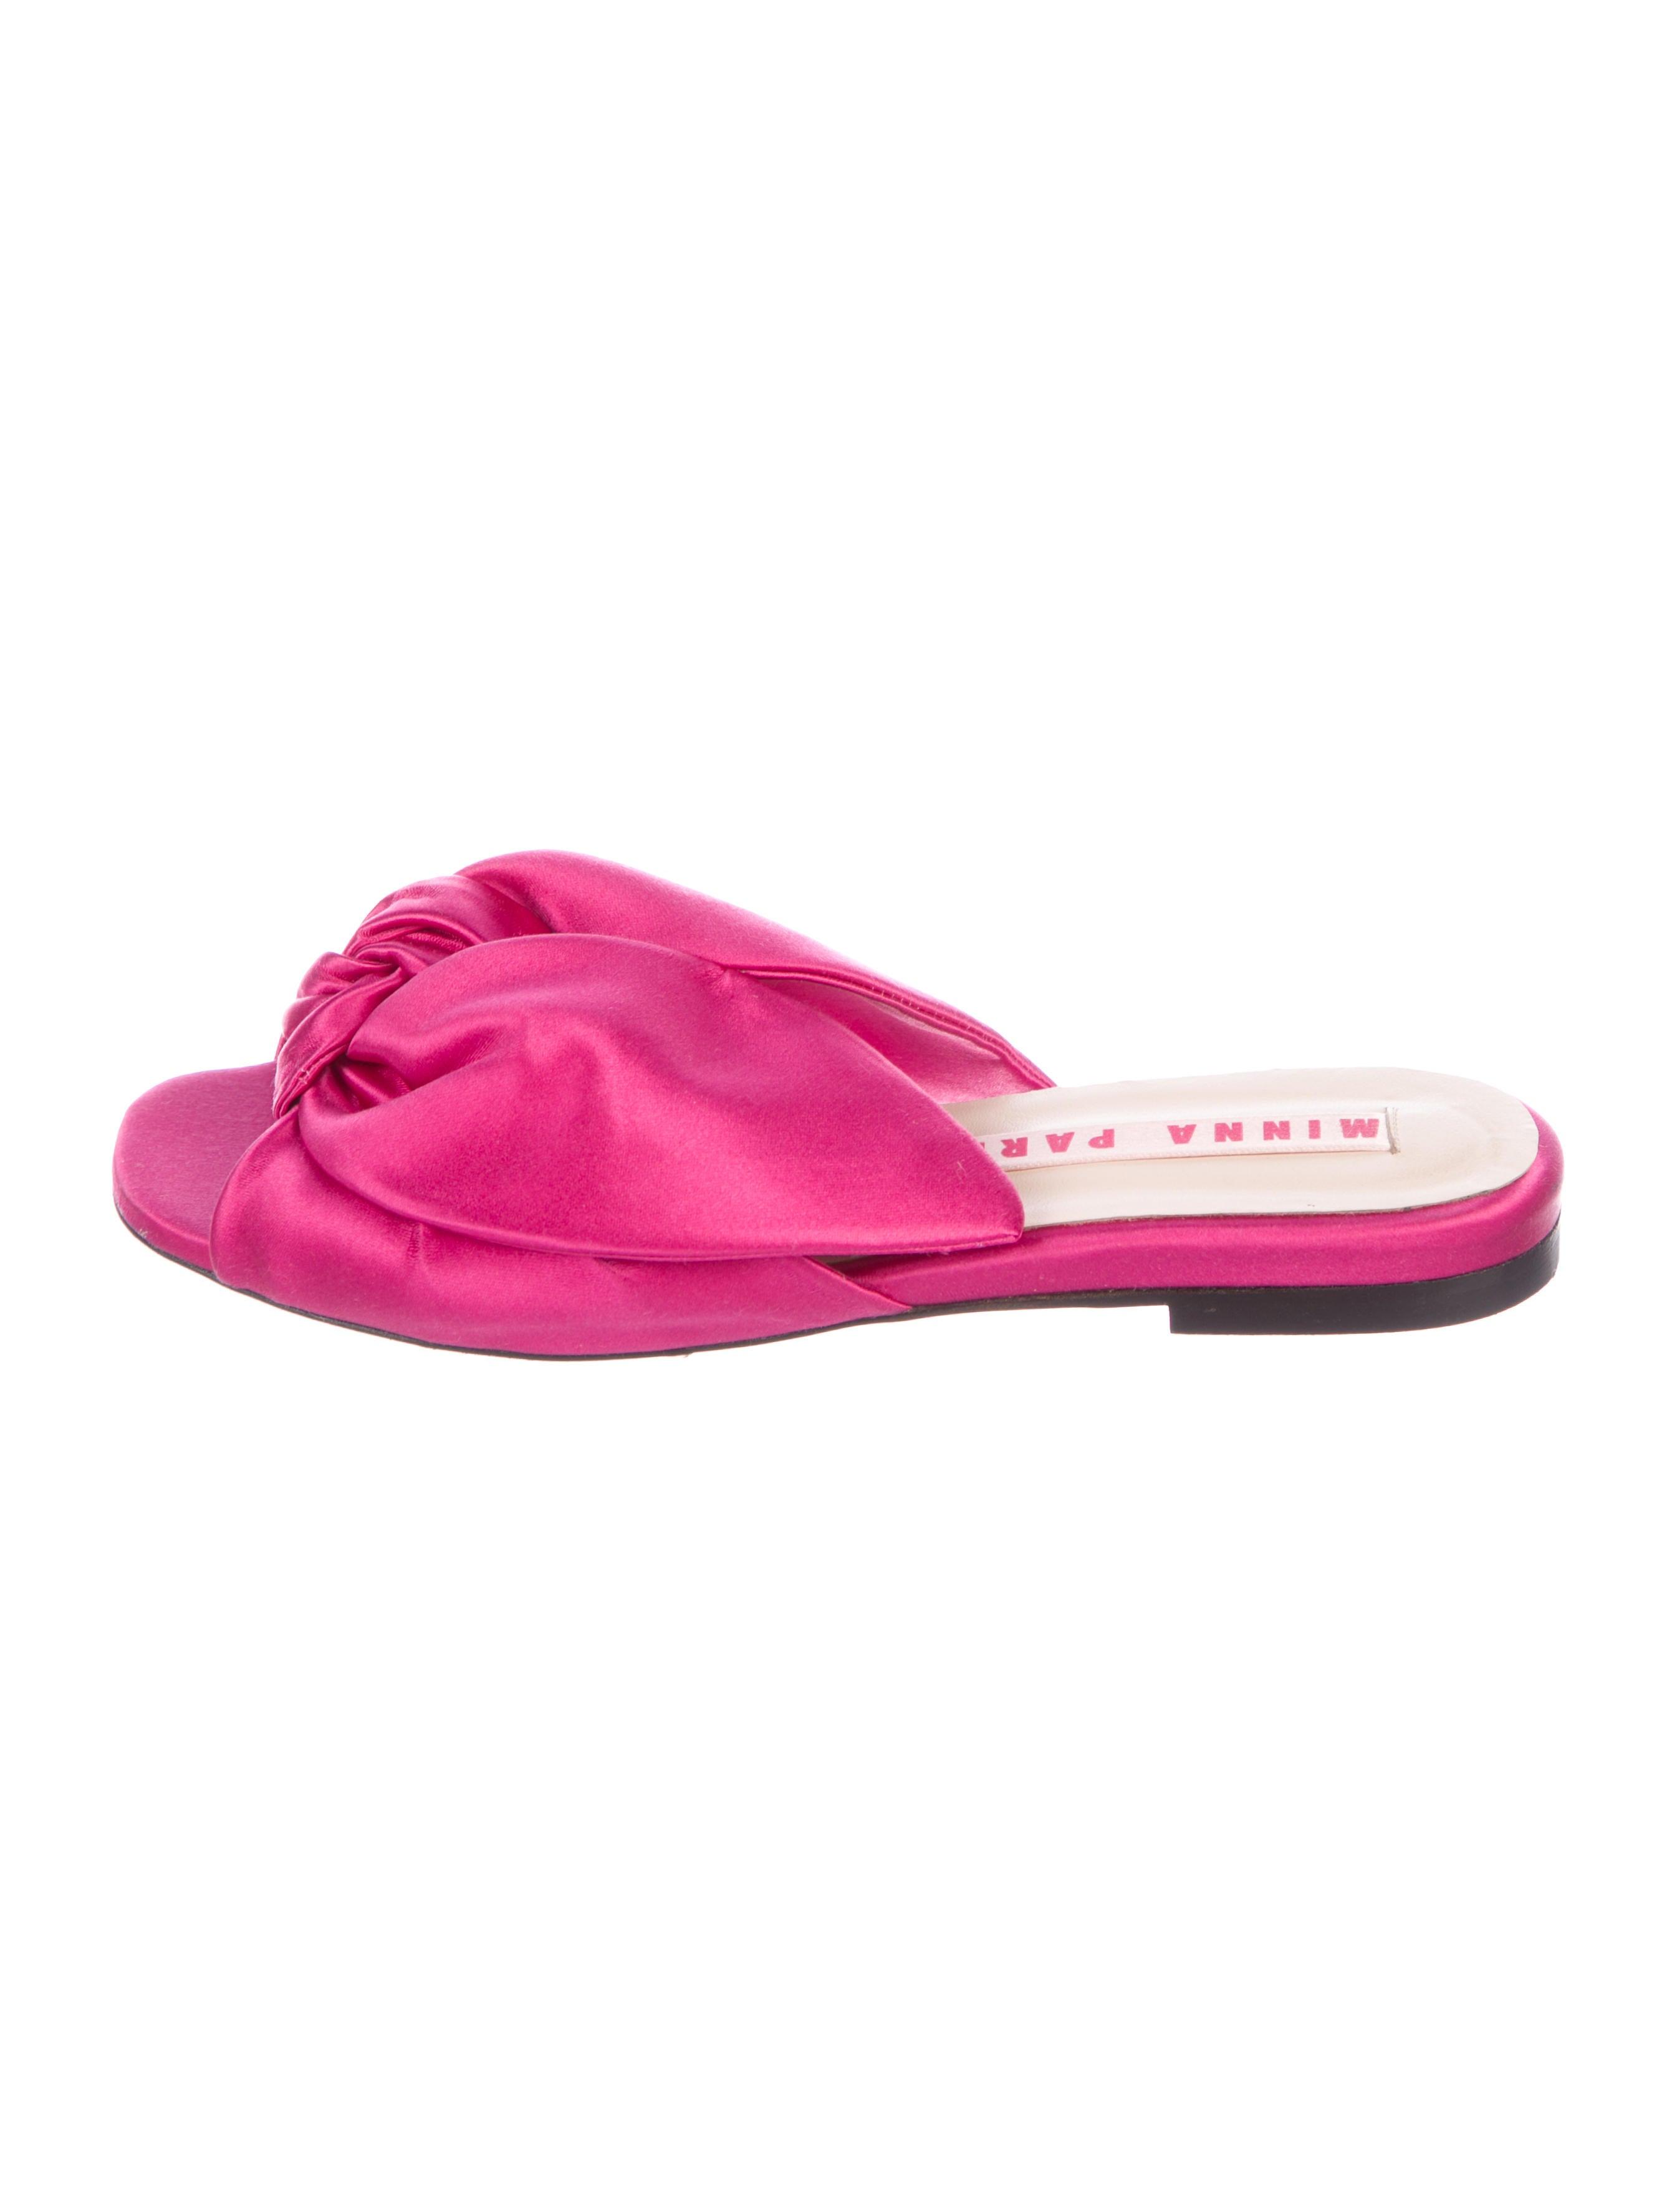 outlet really pictures Minna Parikka Amelia Slide Sandals tD6lHo1wvk